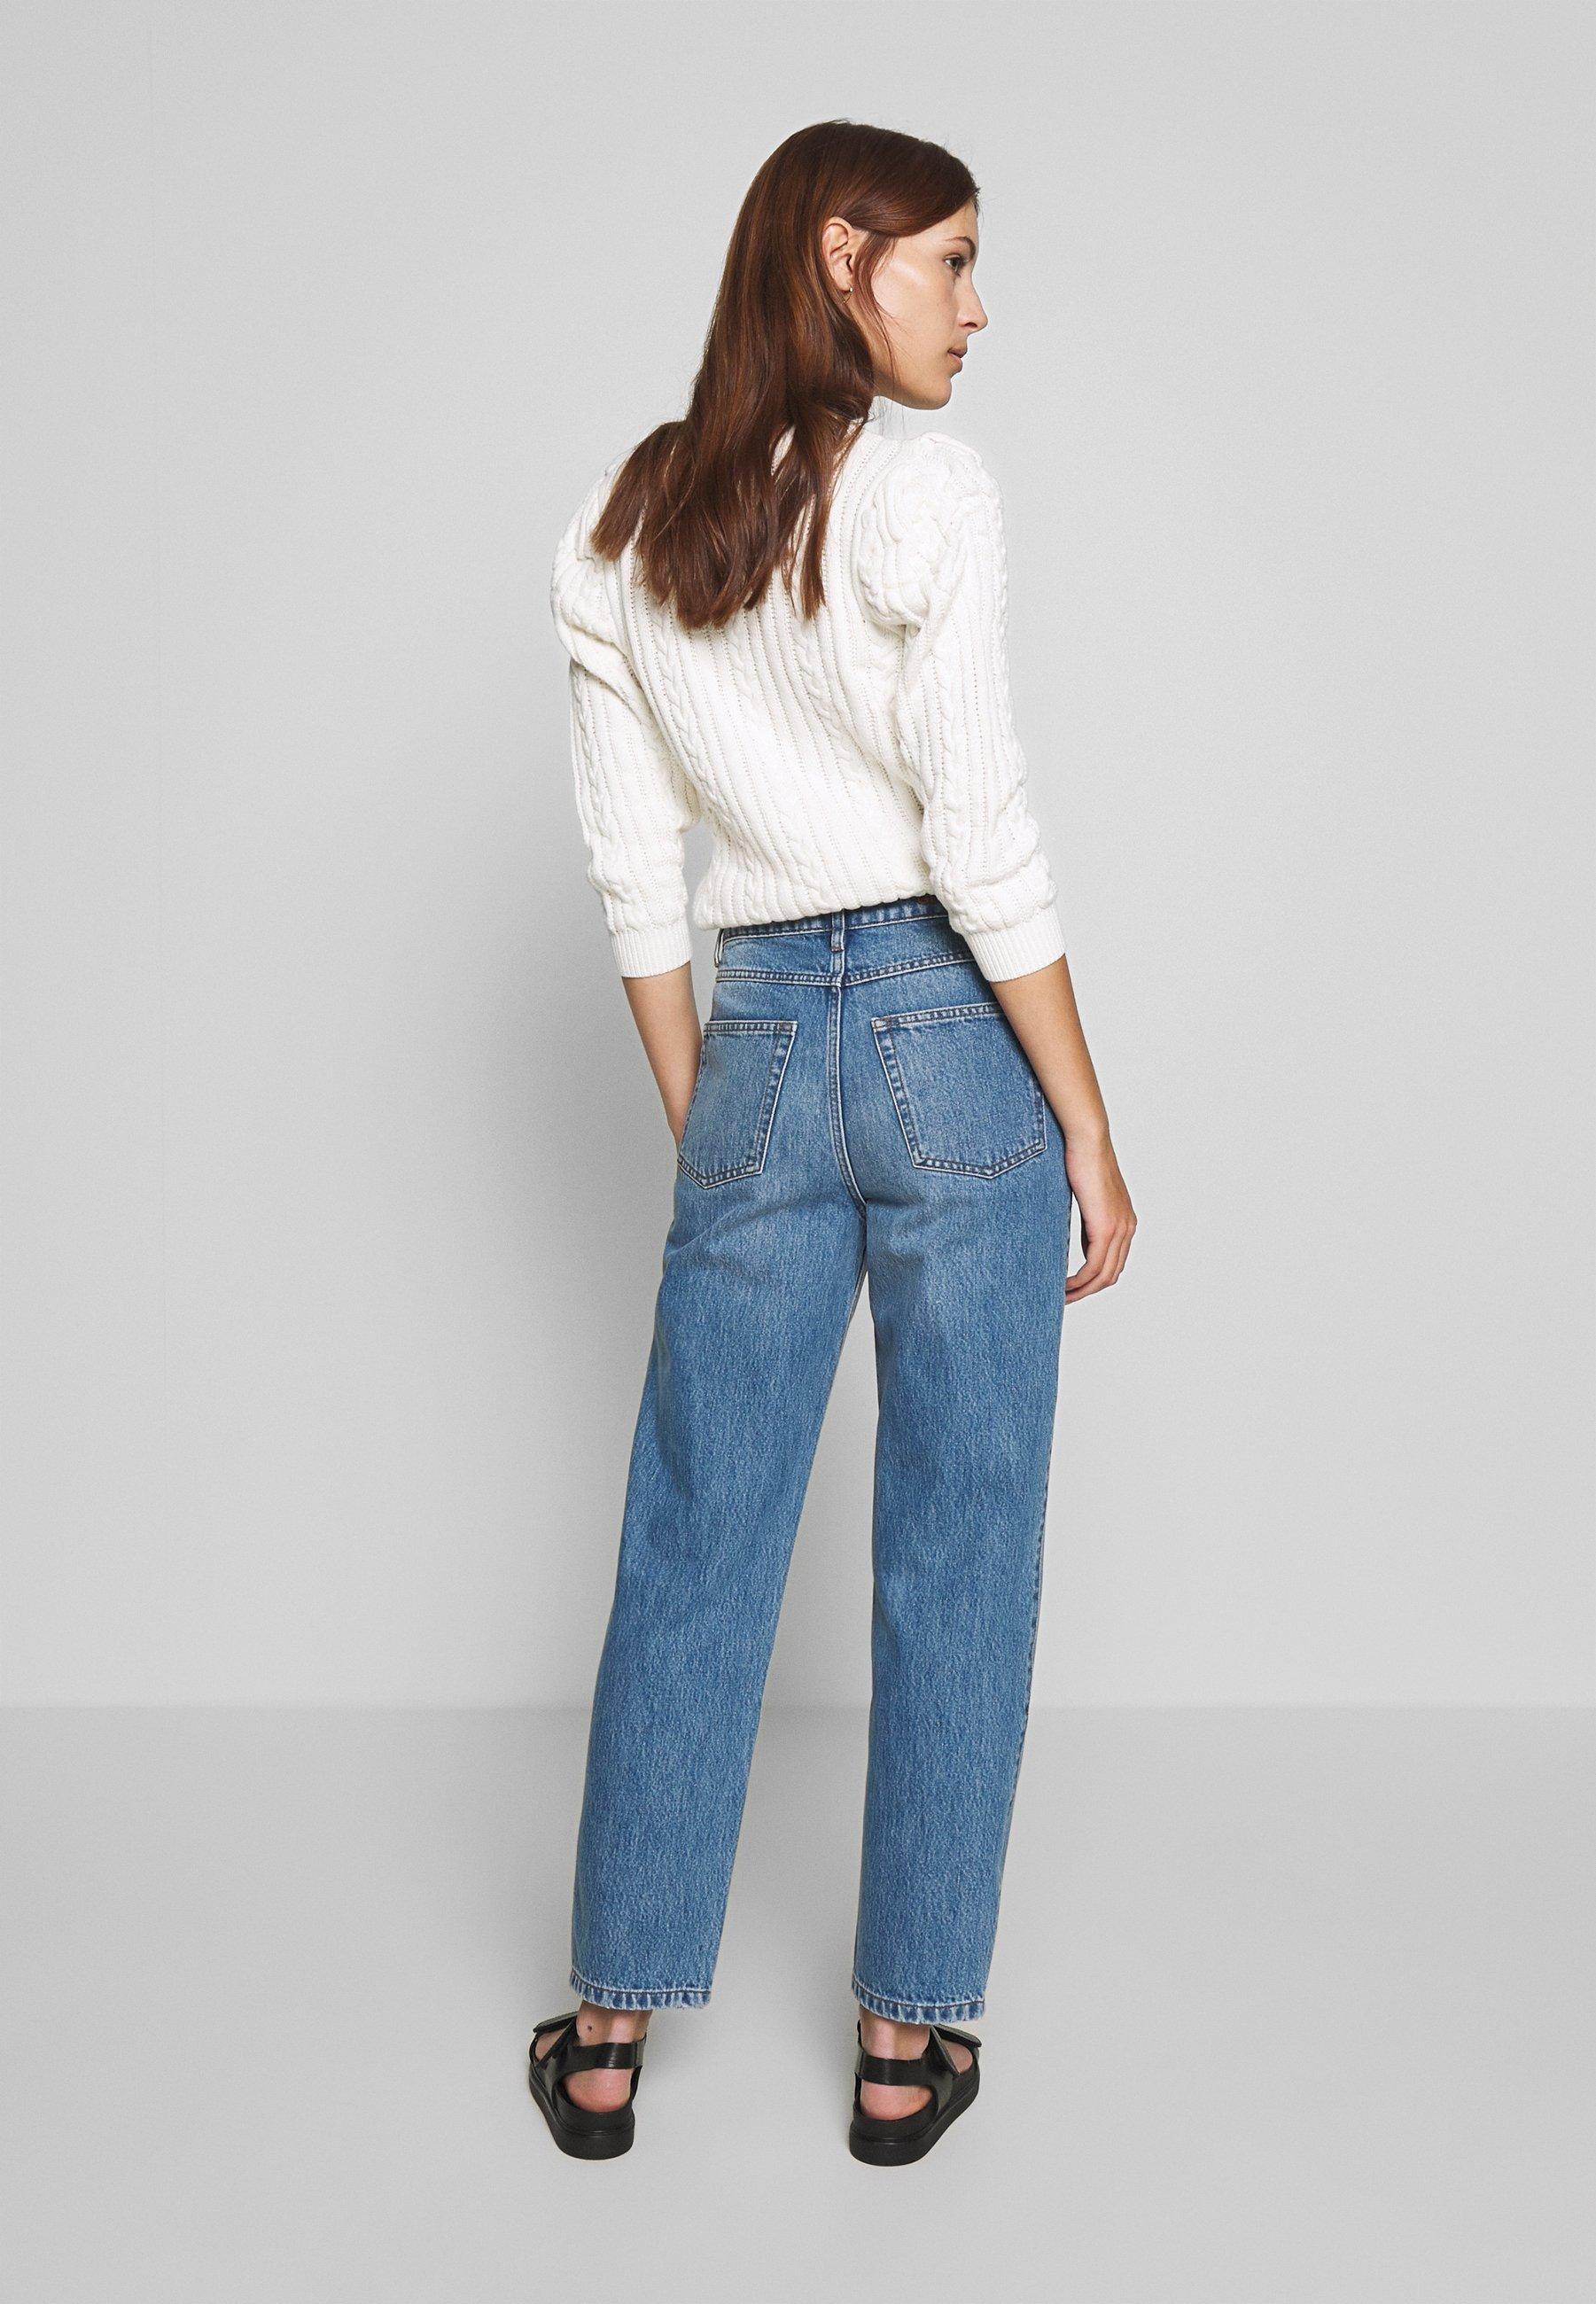 Gestuz DACY MOM JEANS - Jean droit - medium blue - Jeans Femme 8DE6l